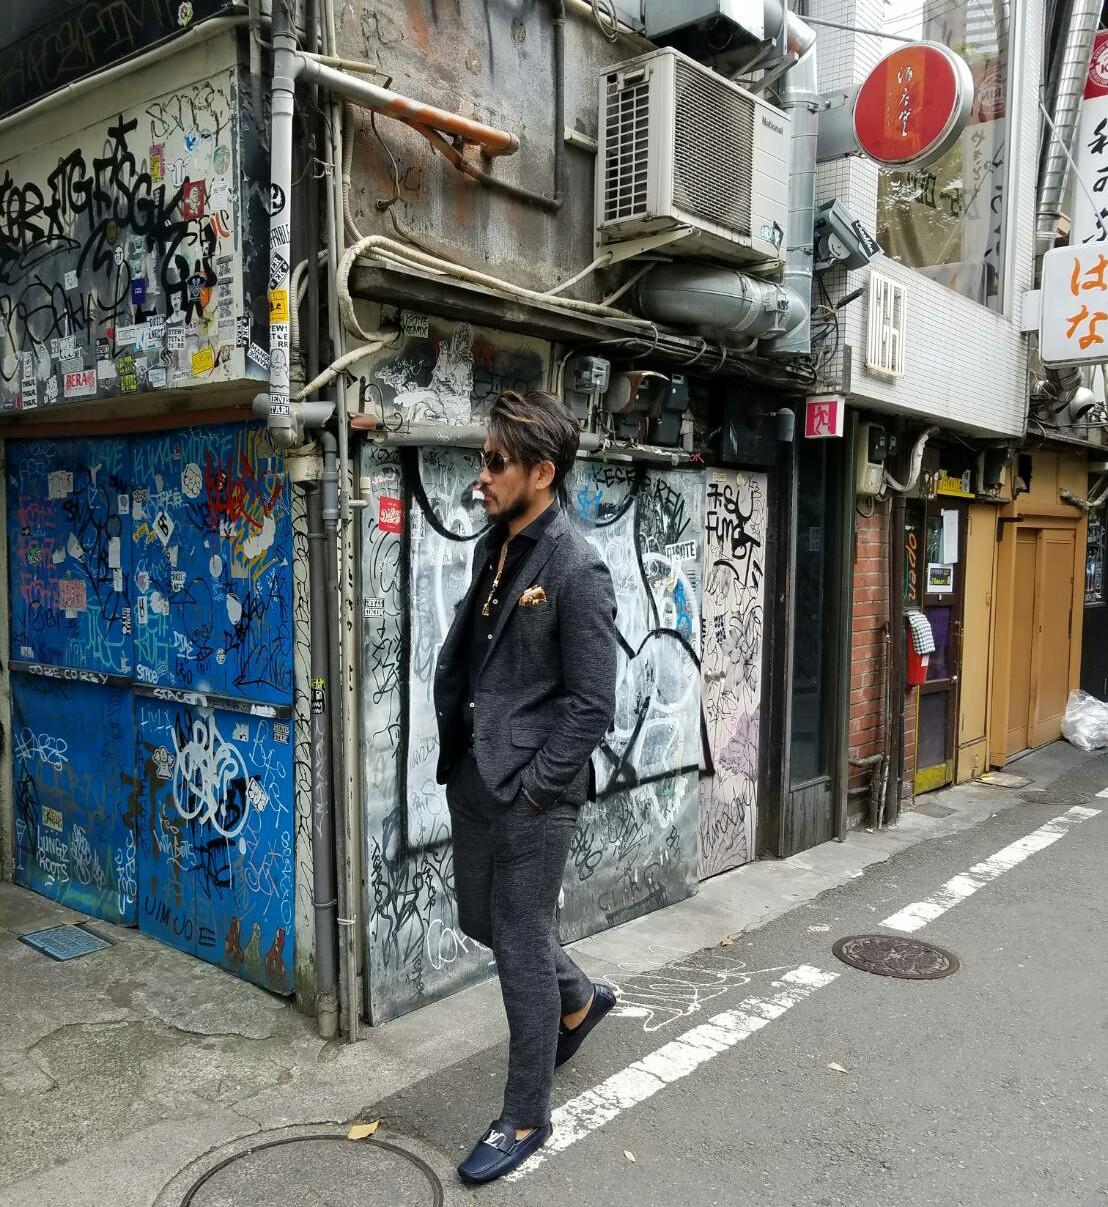 渋谷のんべい横丁_a0019032_21421957.jpg